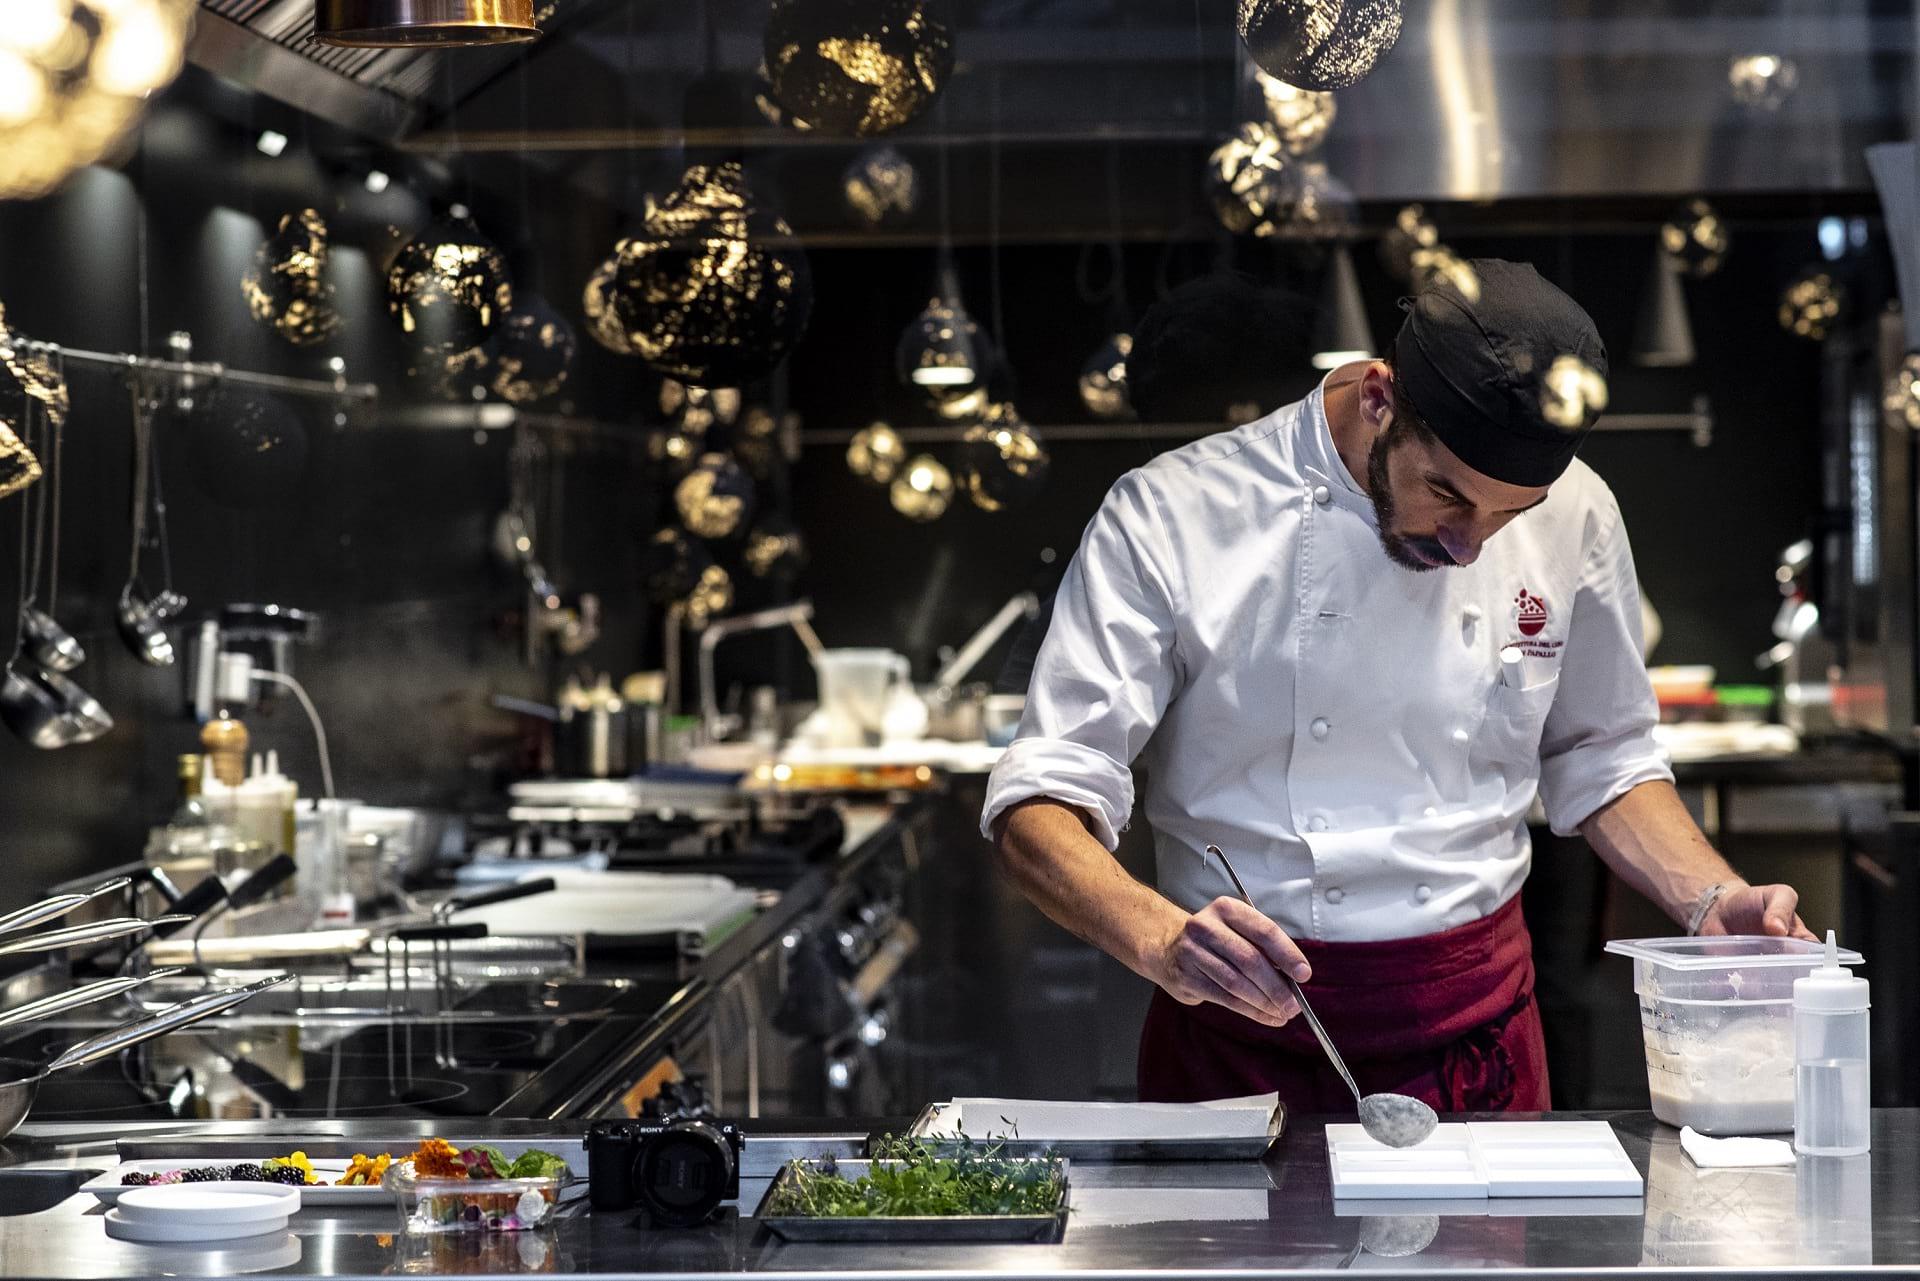 lezione-di-cucina-firenze-pranzo-con-chef-architettura-del-cibo